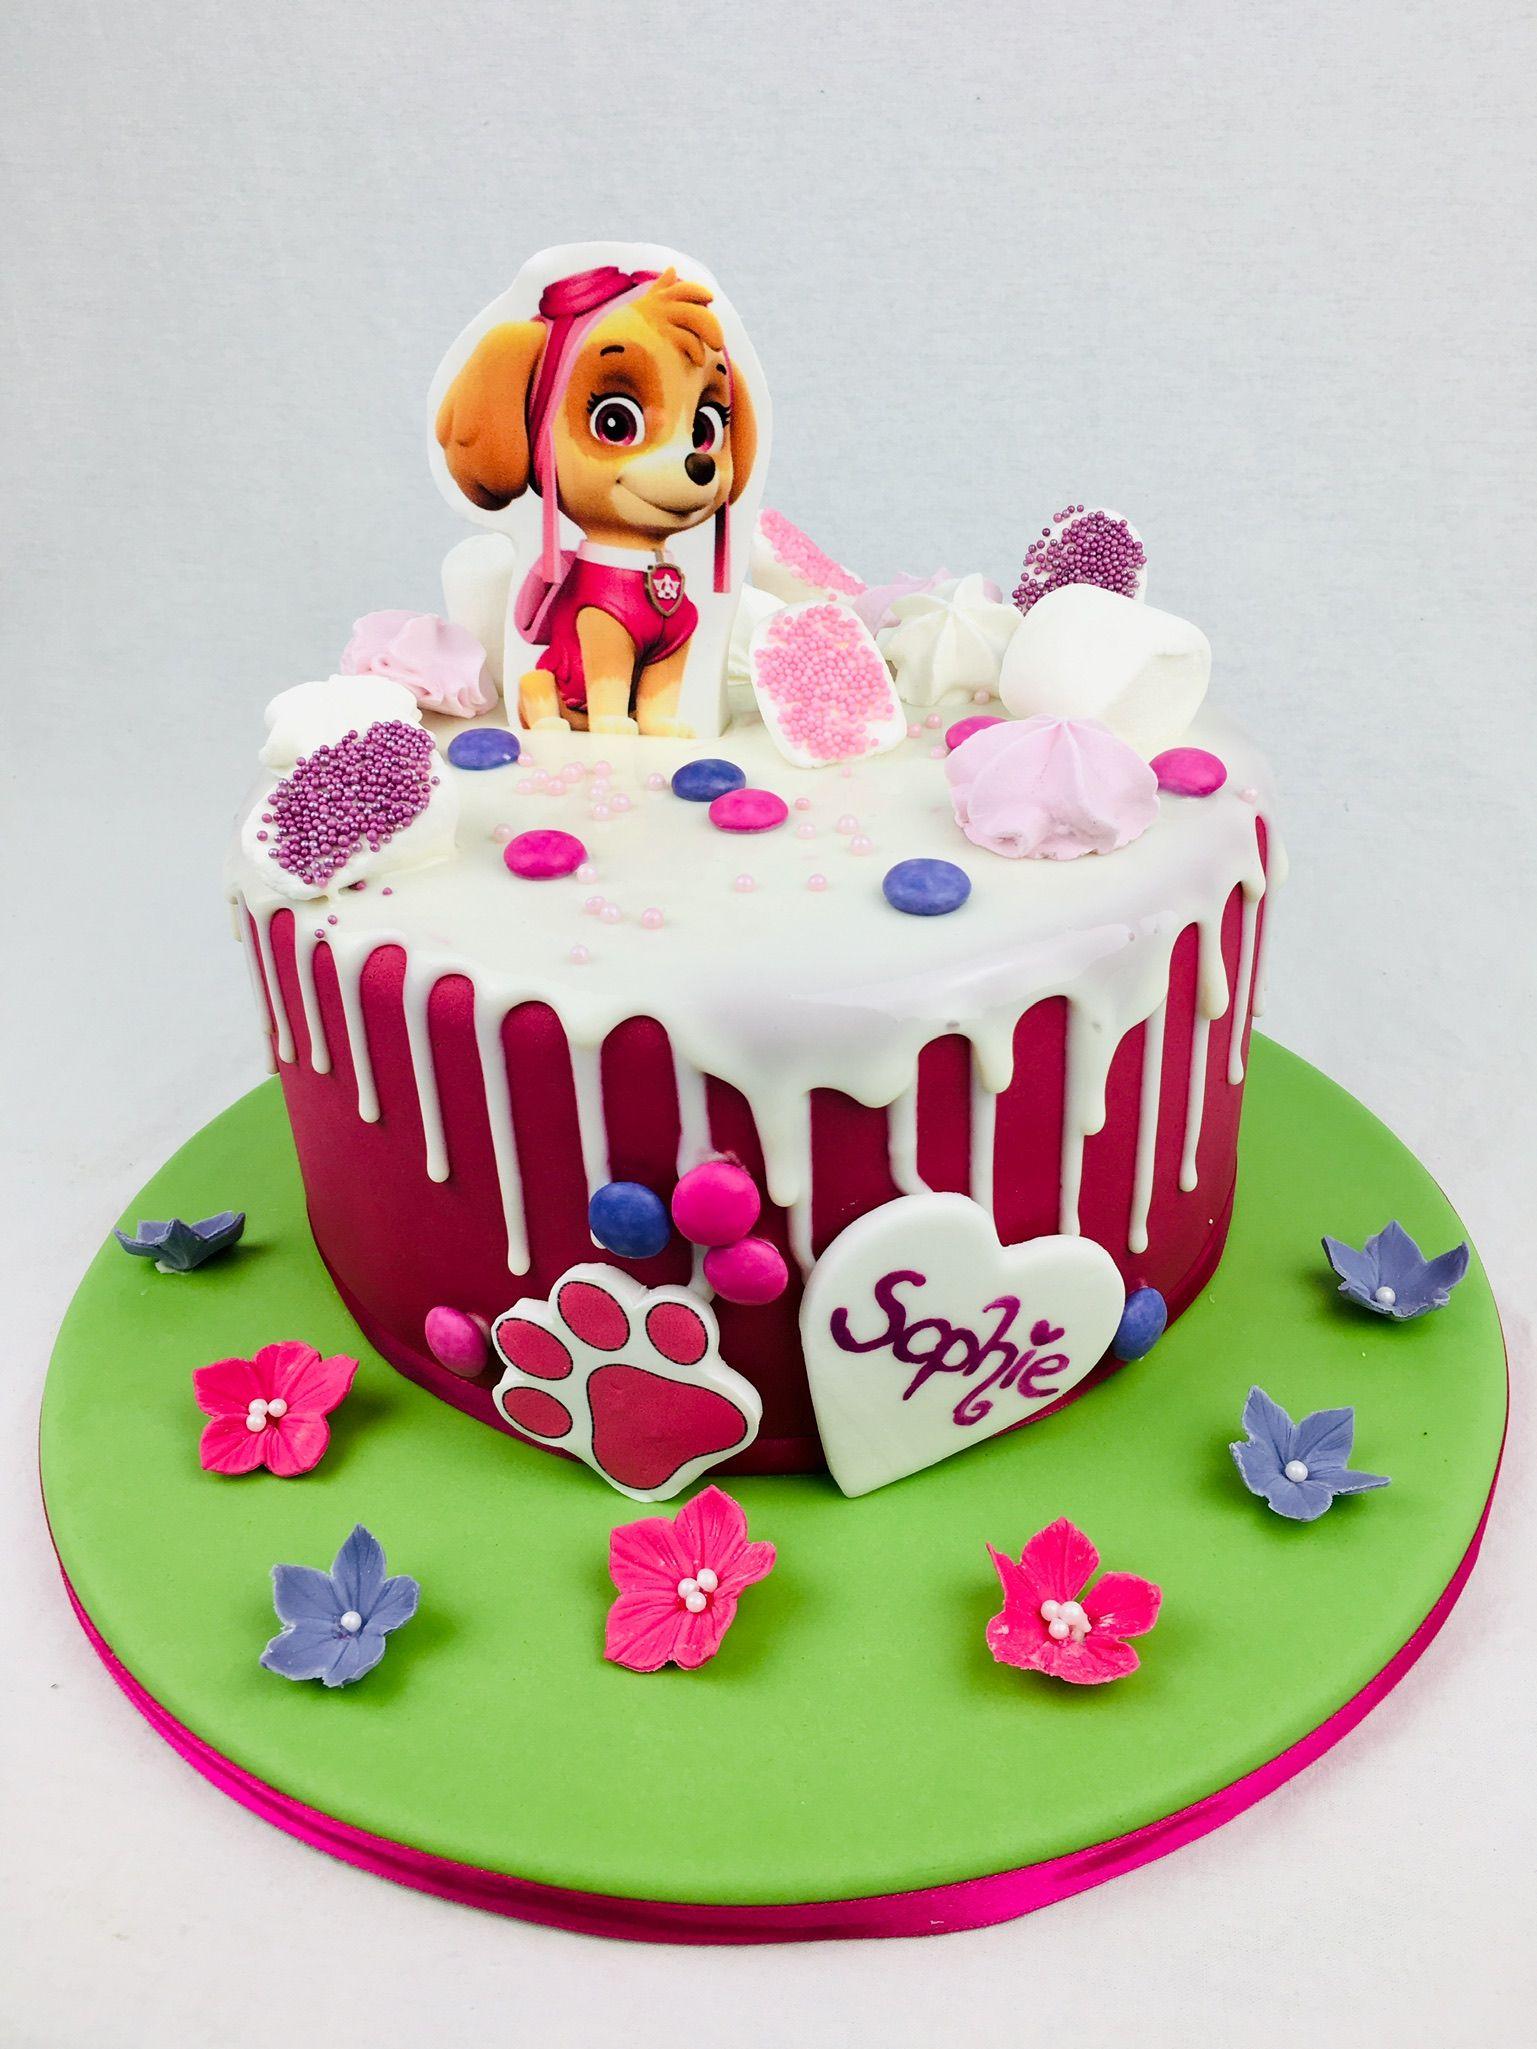 Paw Patrol Geburtstagstorte Fur Madchen Geburtstagstorte Madchen Kuchen Kindertorte